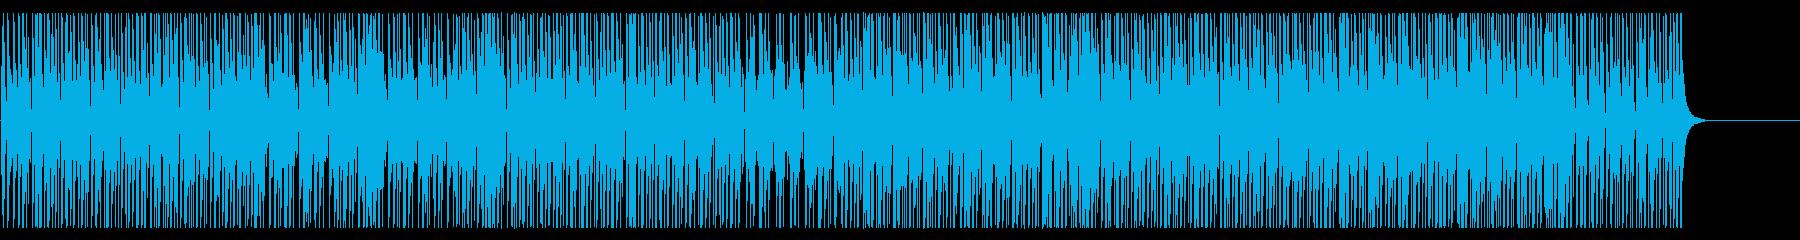 三味線のダウナーな和風ミドルテンポの再生済みの波形